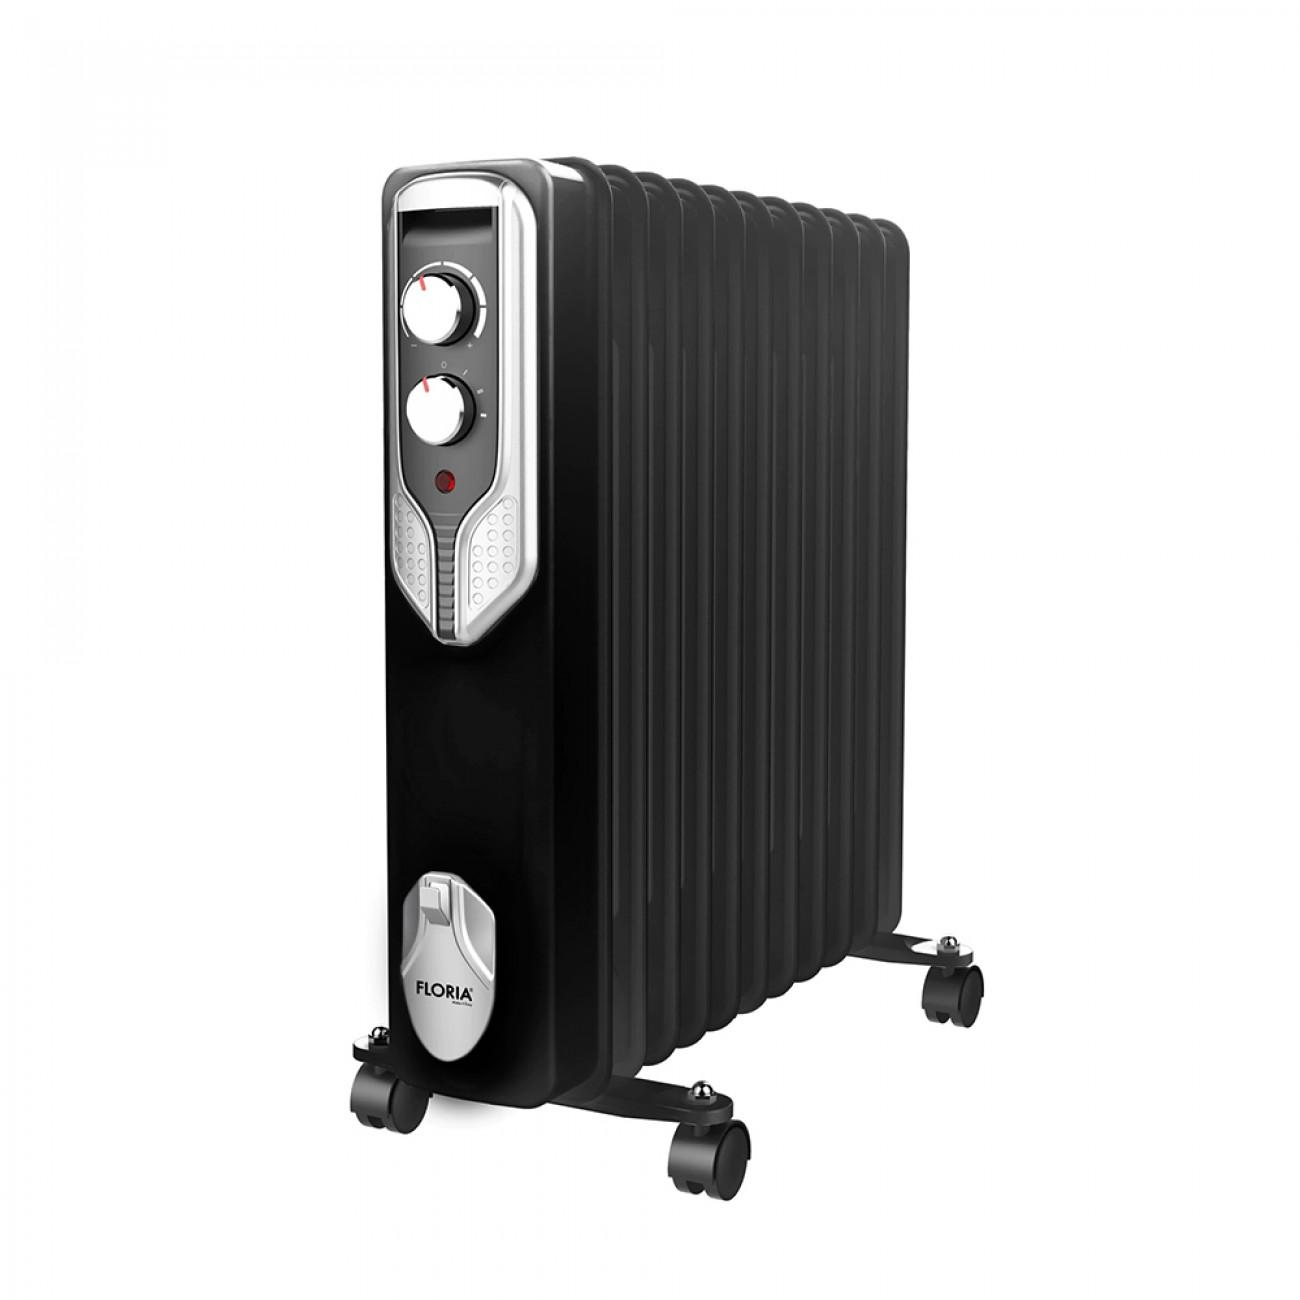 Маслен радиатор Floria ZLN-3666, 2500W, 11 ребра, Регулируем термостат, Черен в Маслени радиатори - Floria   Alleop